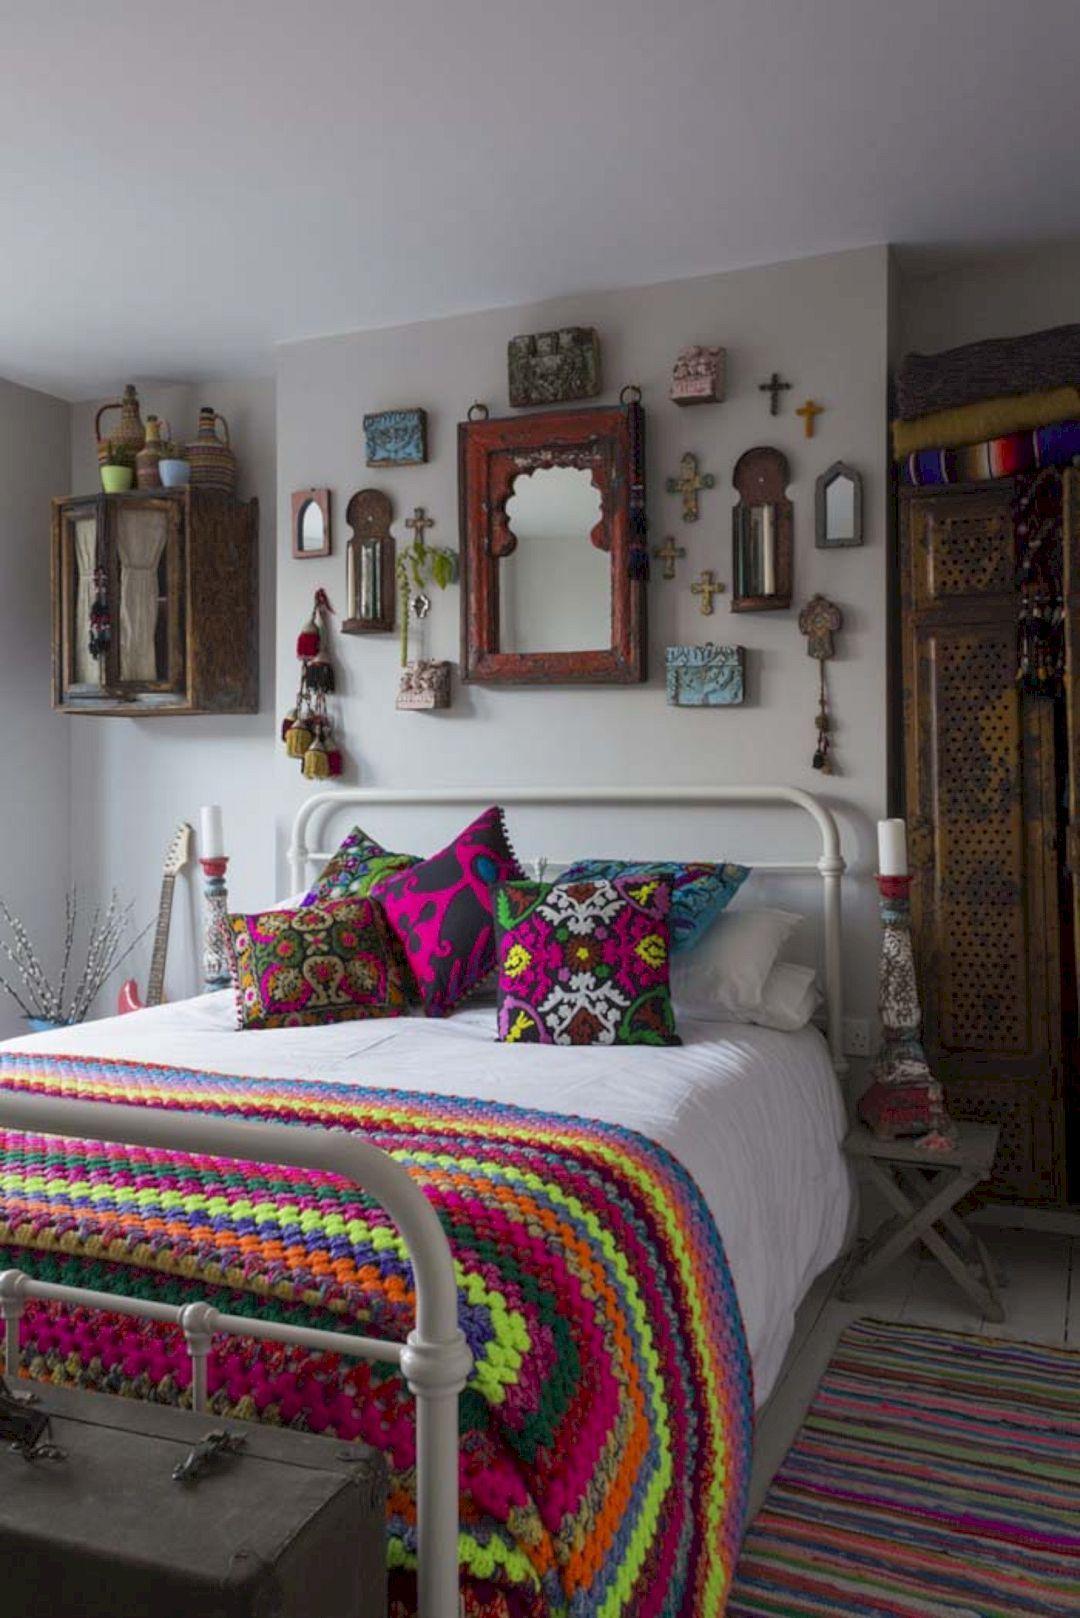 7 Top Bohemian Style Decor Tipps mit entzückenden Einrichtungsideen | Futuristische Architektur